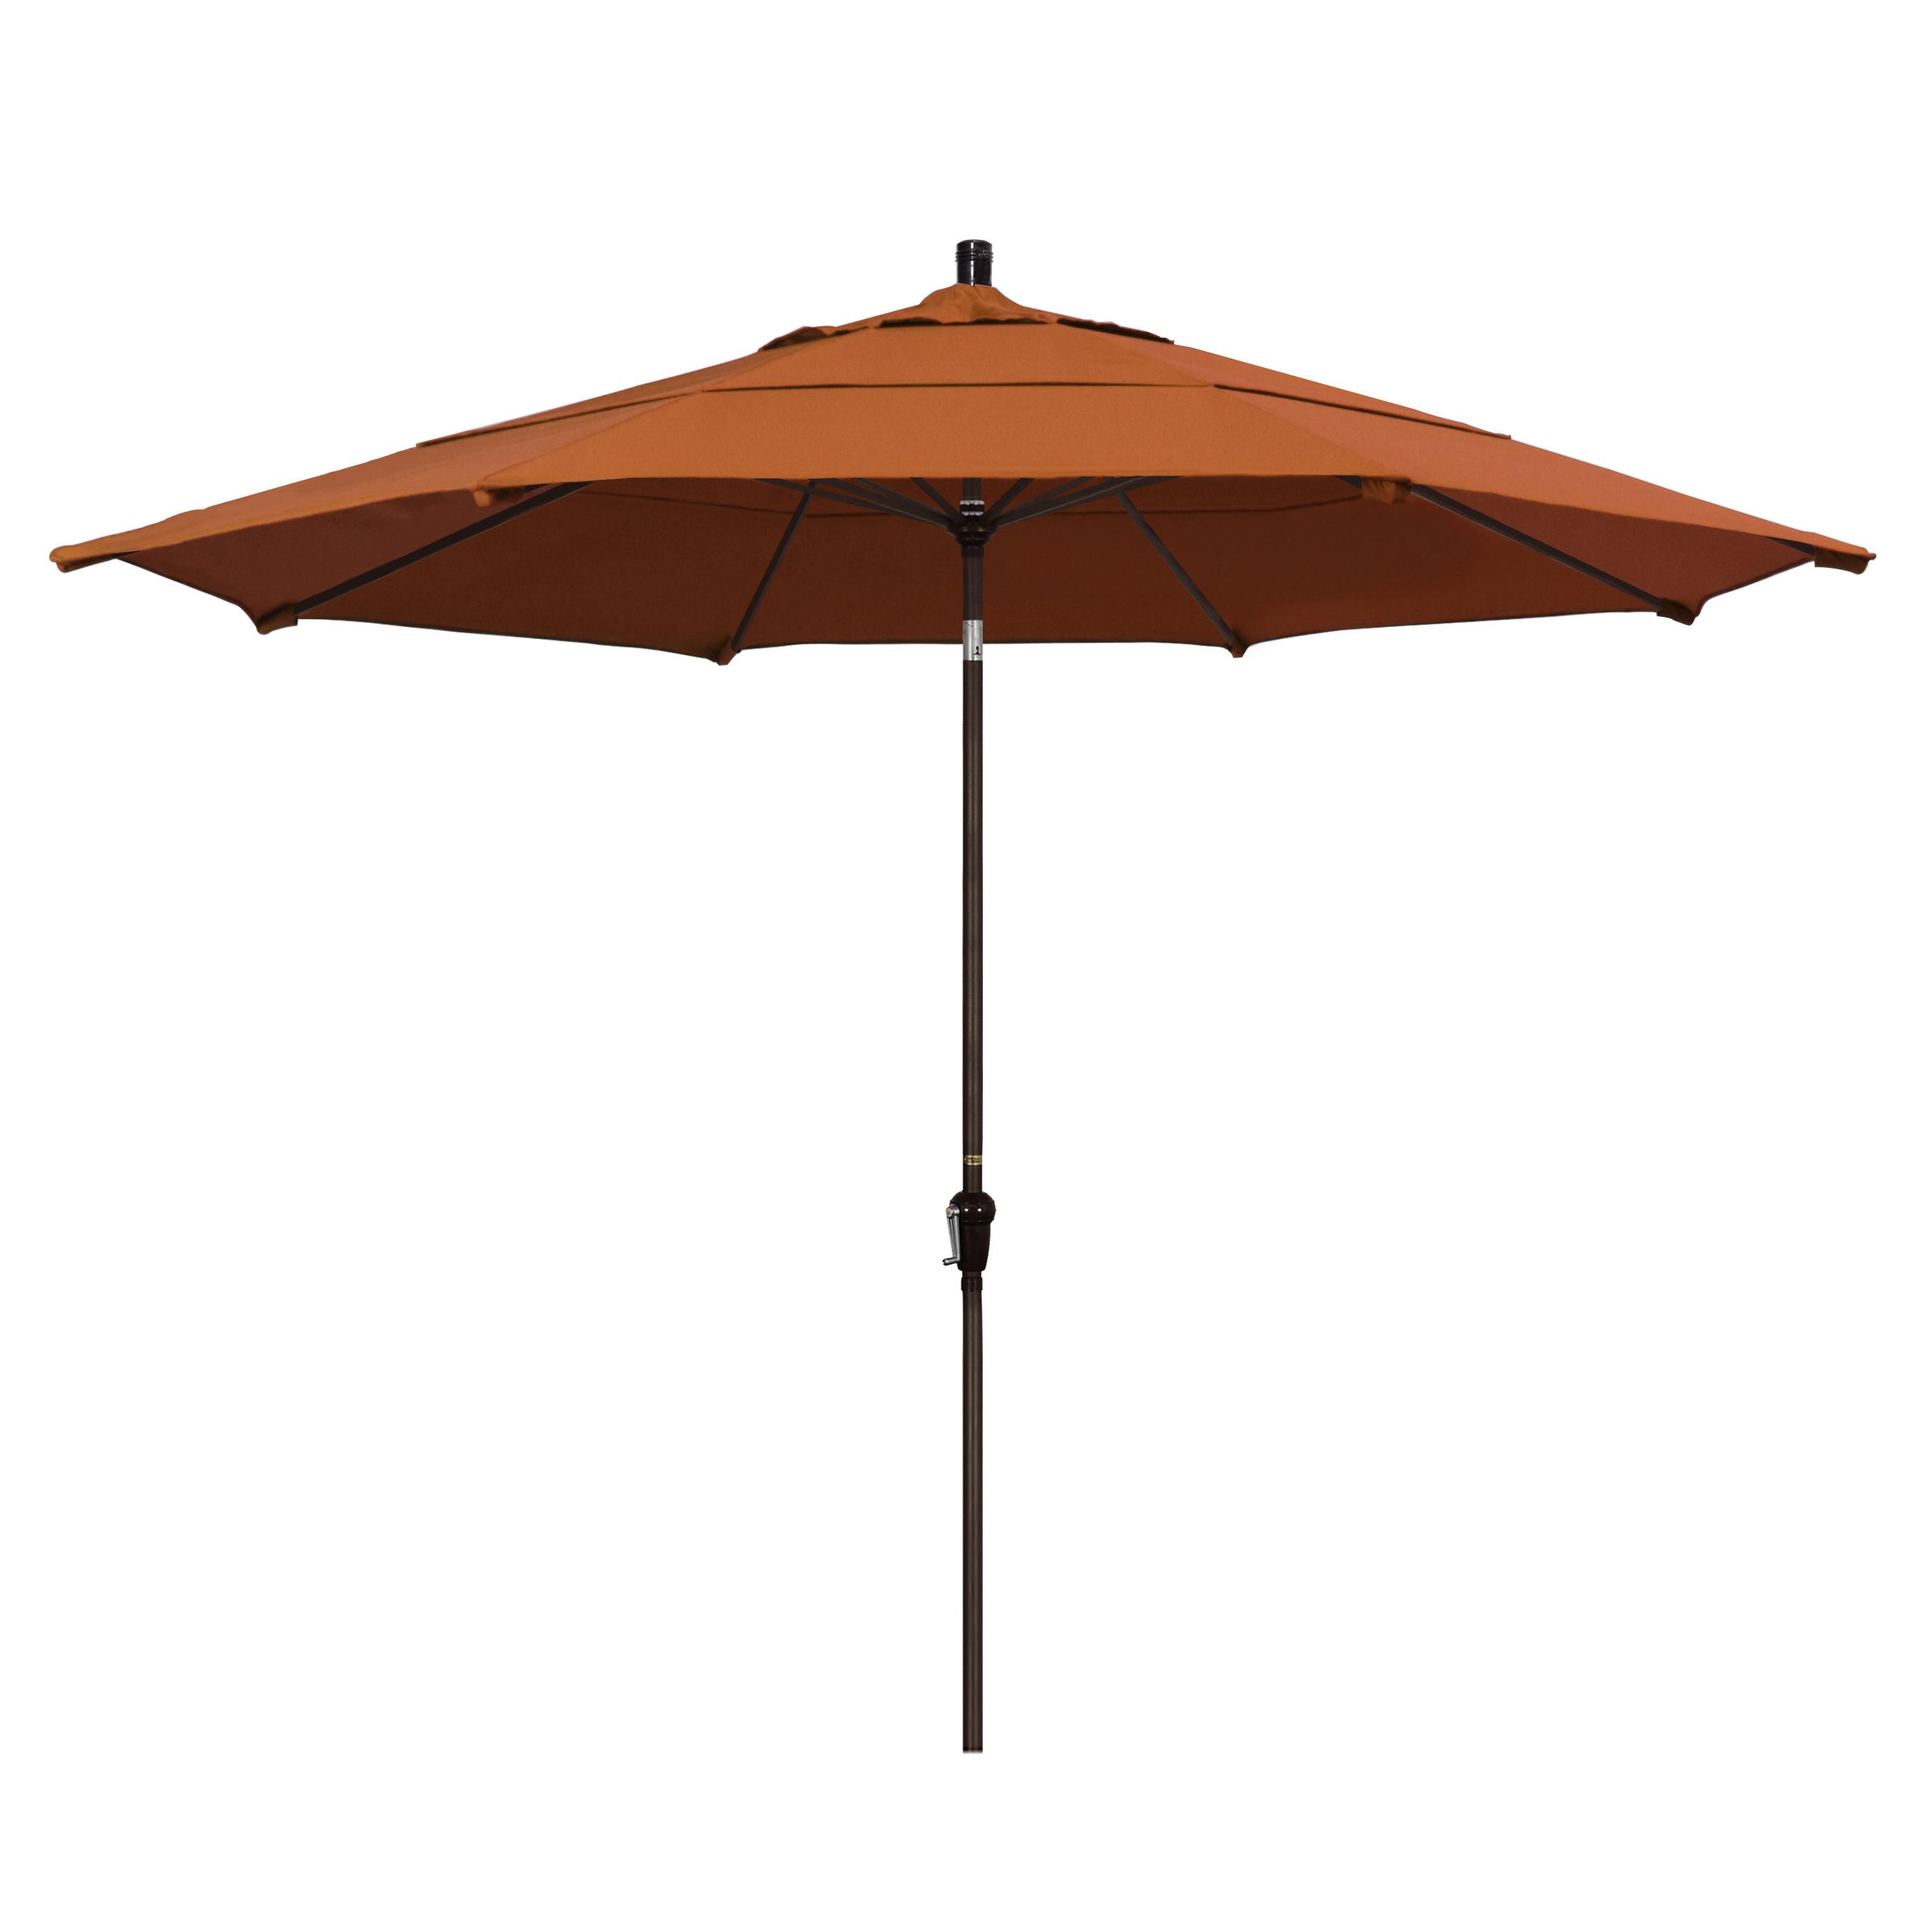 Popular Isom Market Umbrellas Regarding Mullaney 11' Market Sunbrella Umbrella (View 18 of 20)